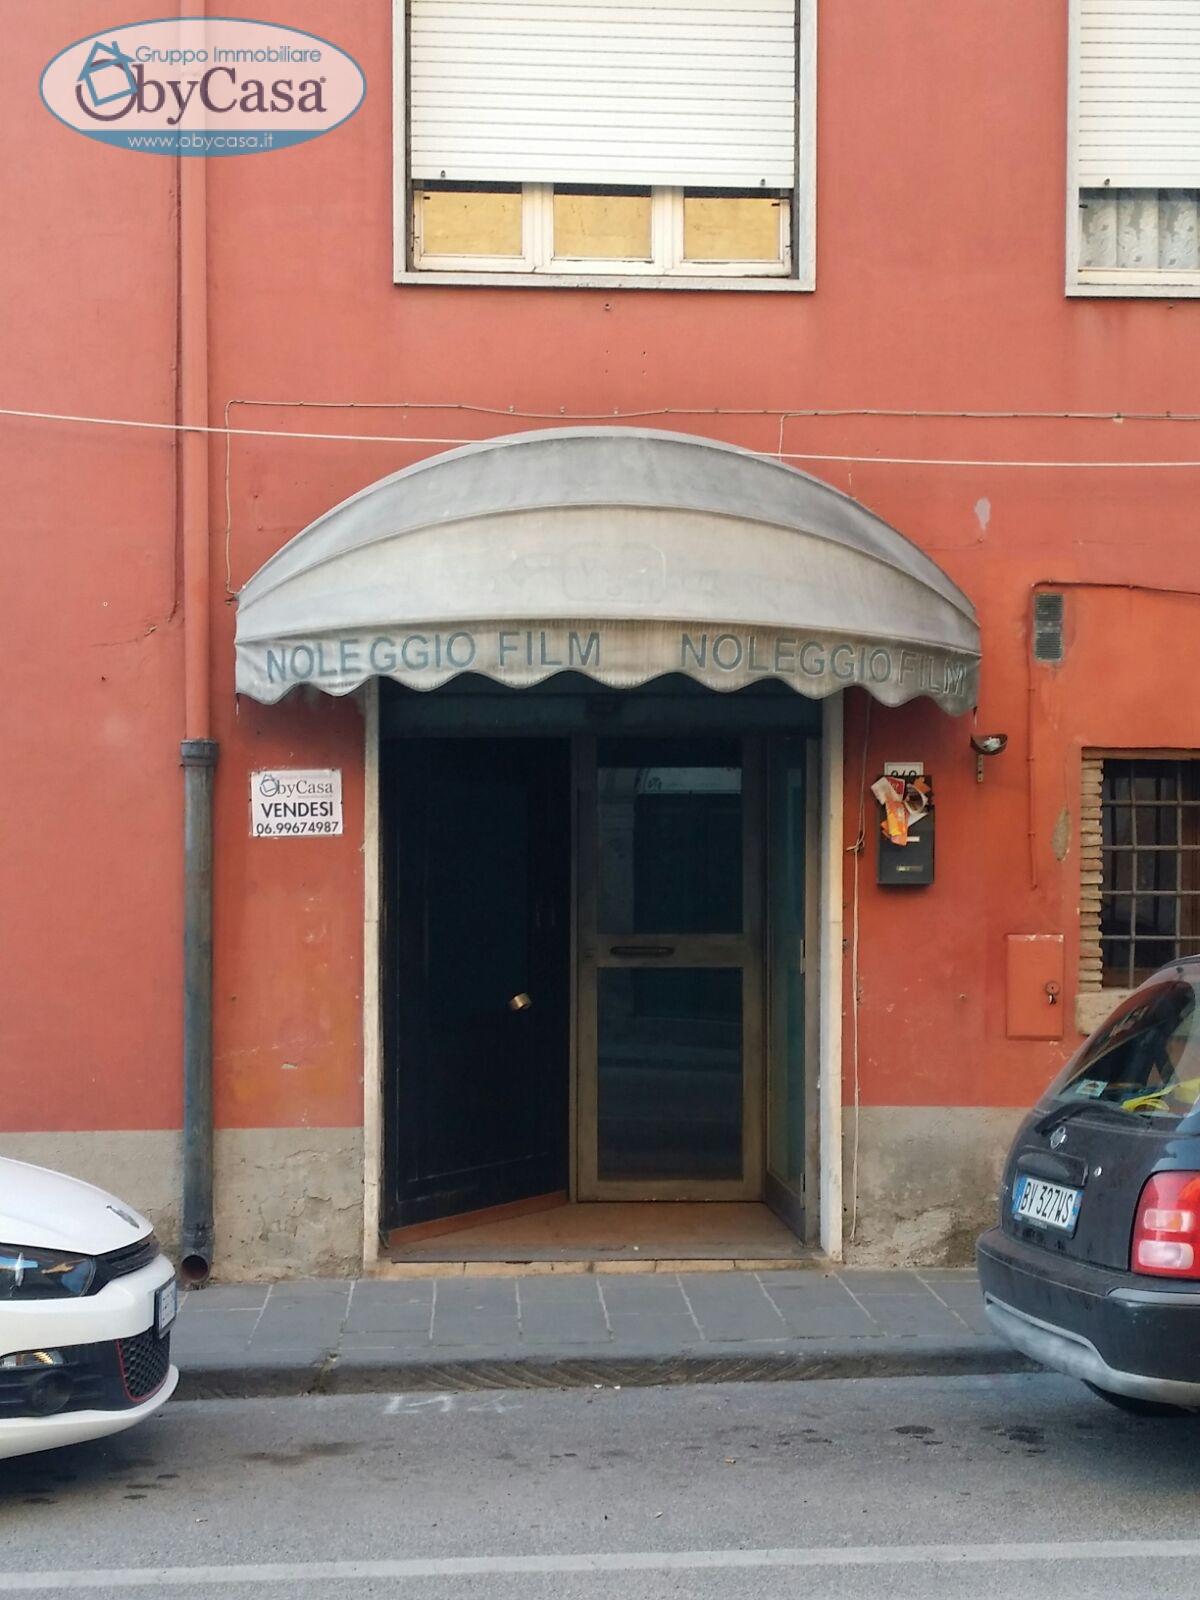 Negozio / Locale in vendita a Manziana, 9999 locali, prezzo € 30.000 | Cambio Casa.it